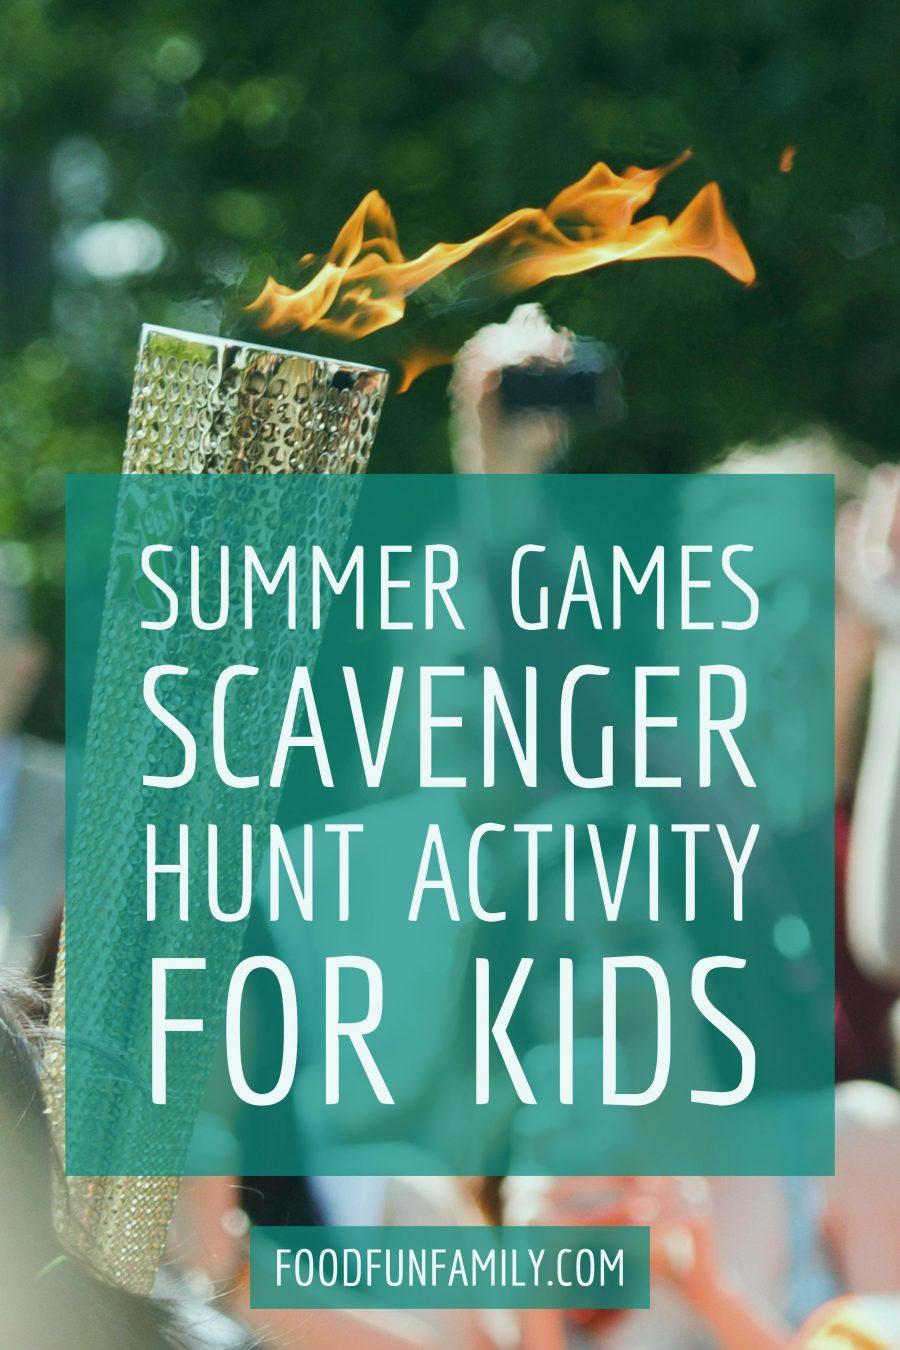 Summer Games Scavenger Hunt activity for kids